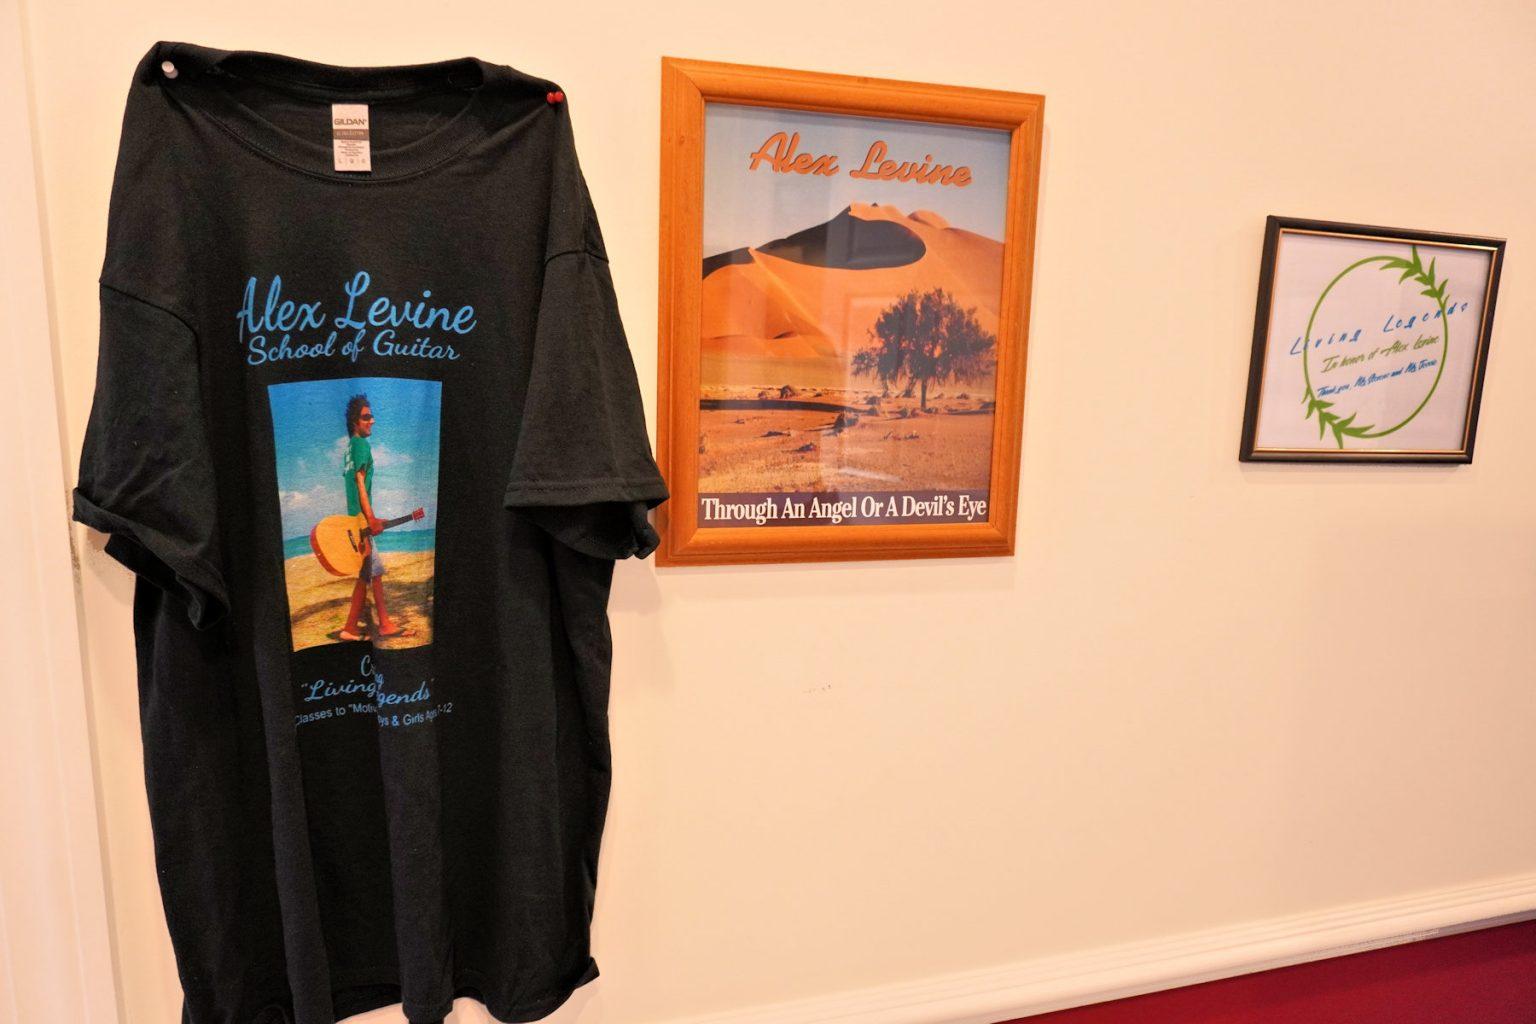 School T Shirt - Alex Levine Album